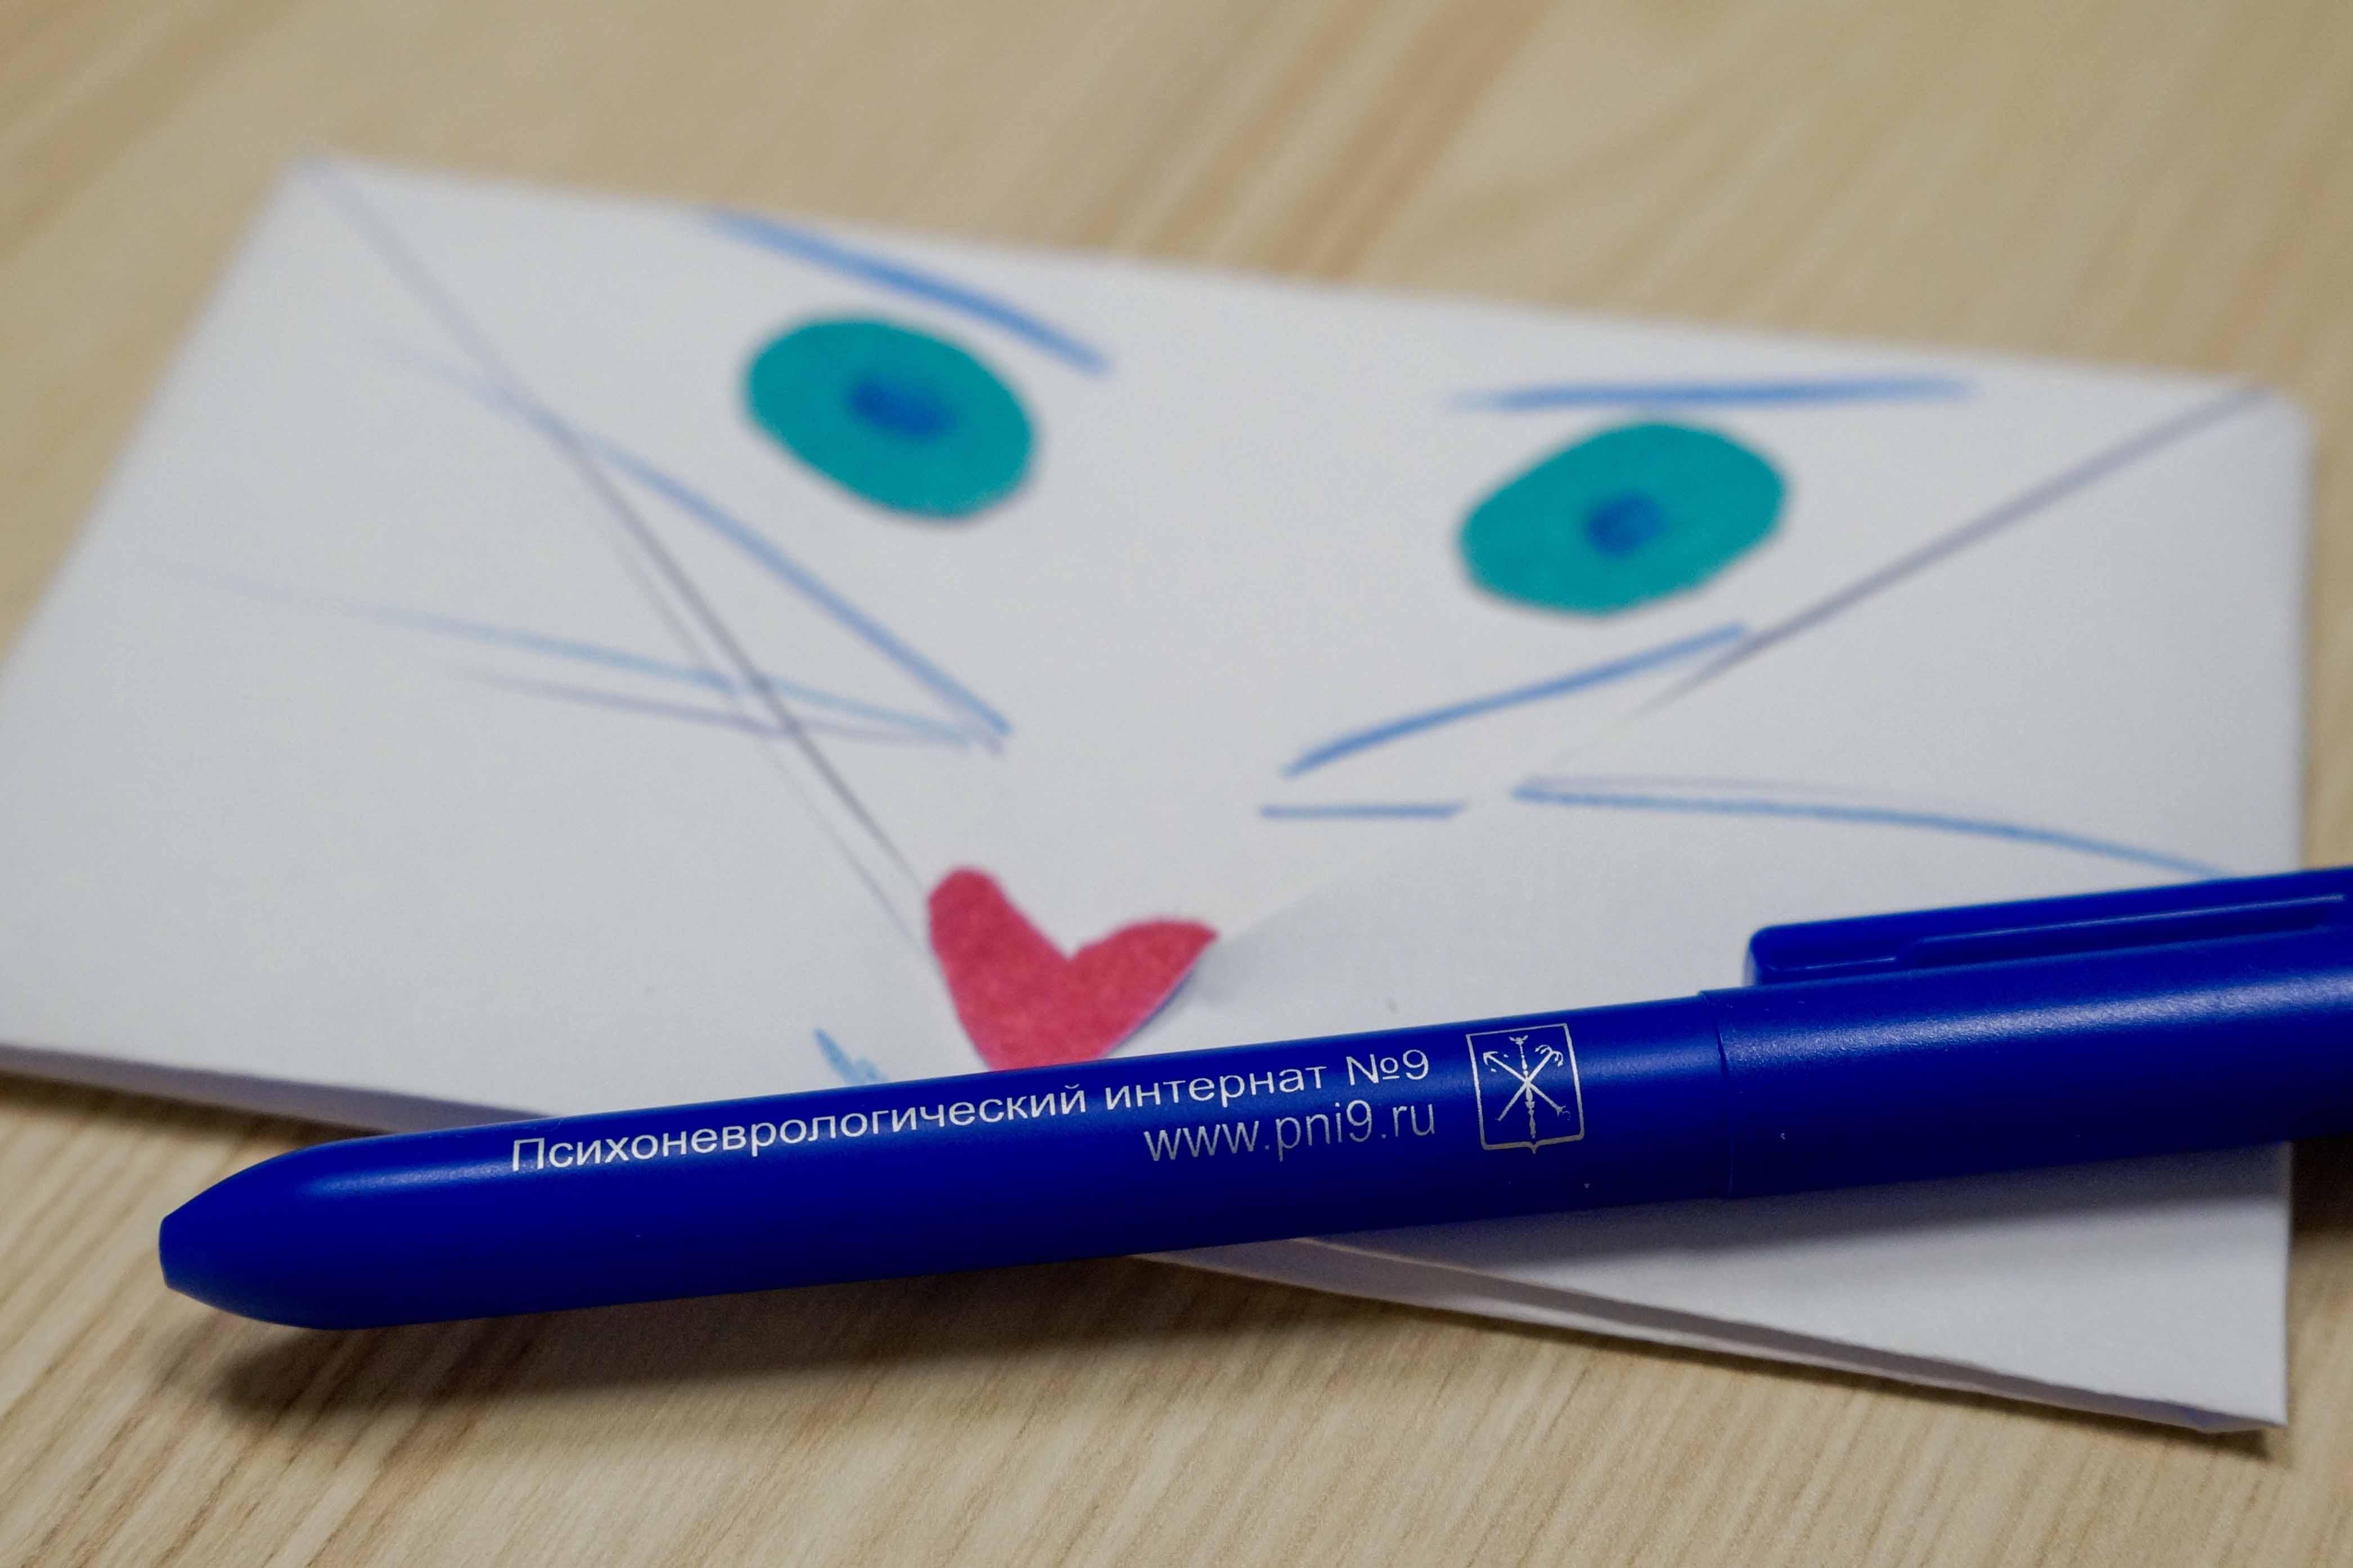 Психотерапия письмом